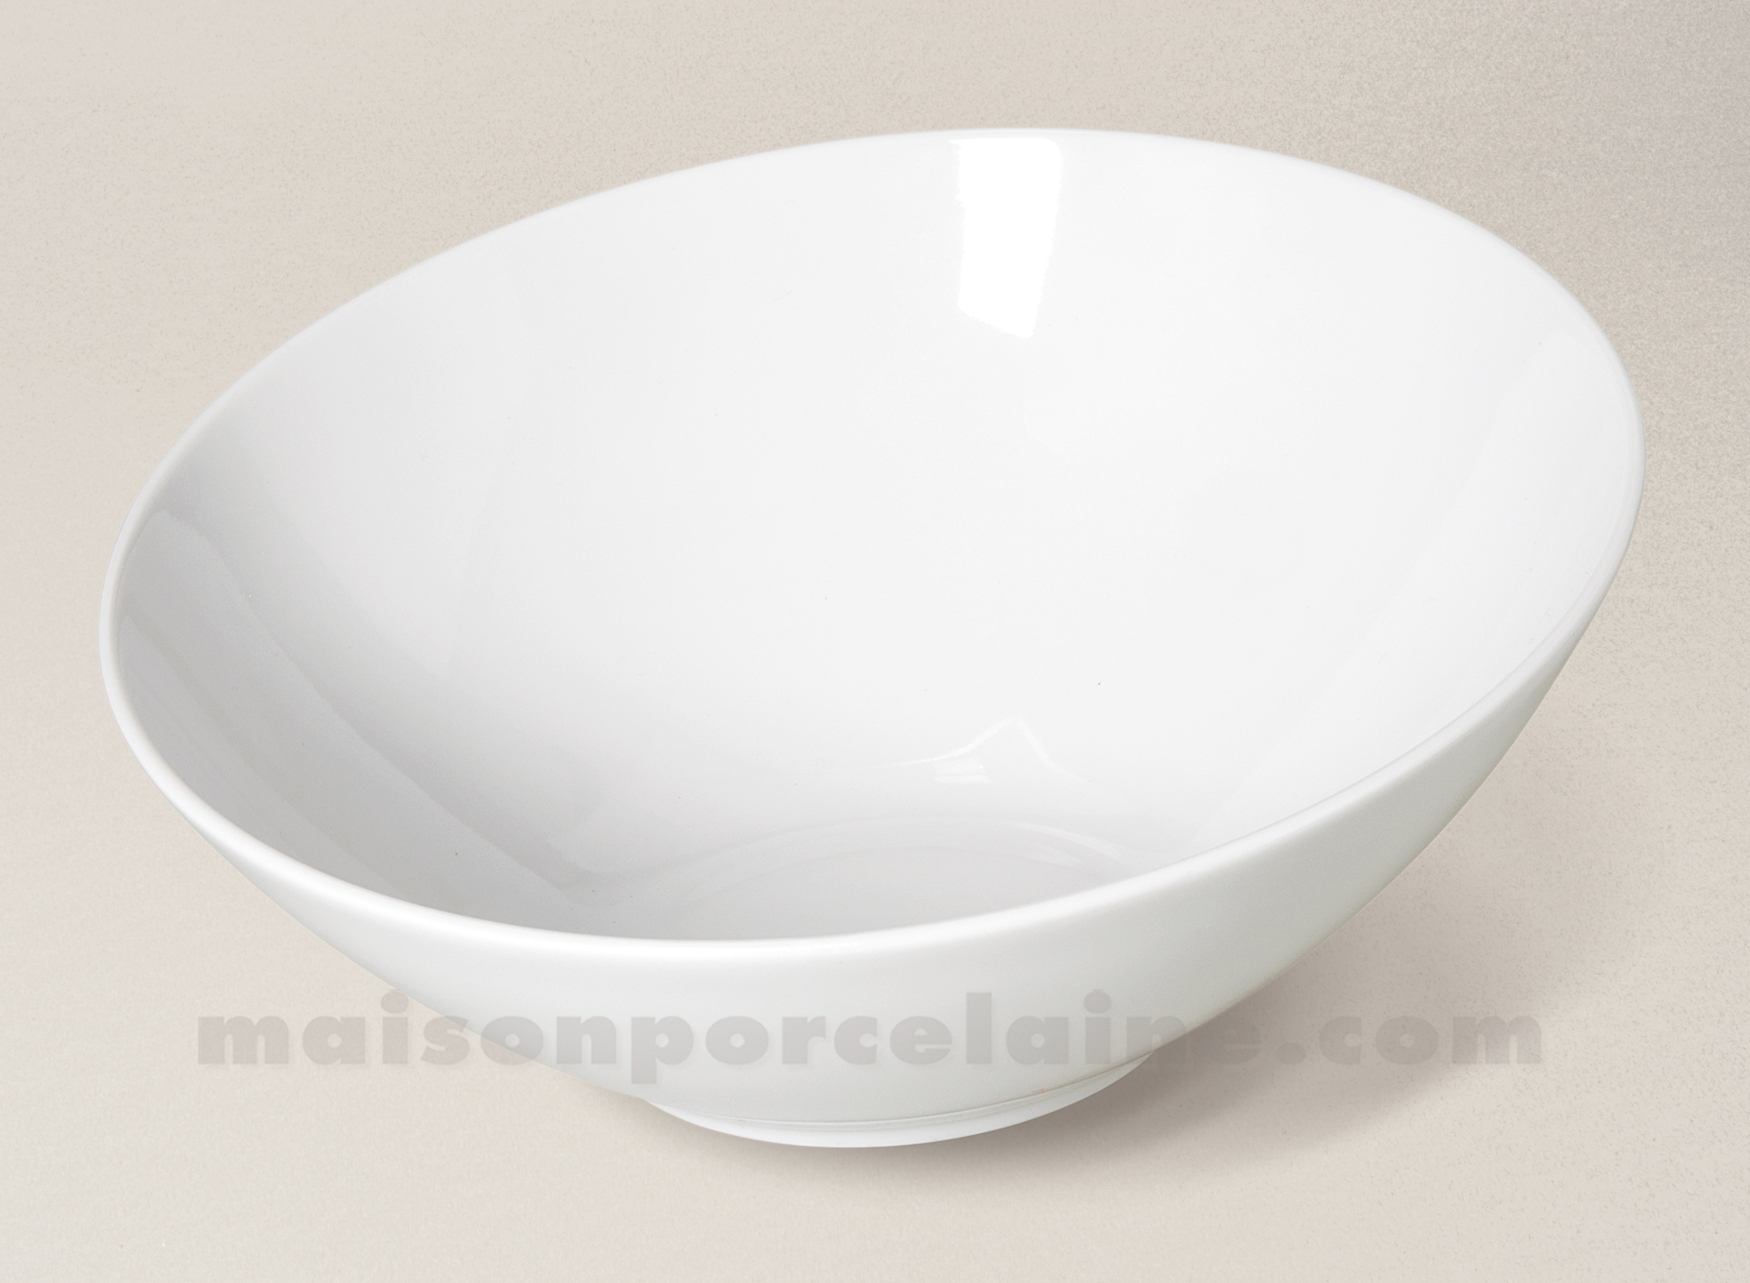 saladier incline porcelaine blanche 23 5cm maison de la porcelaine. Black Bedroom Furniture Sets. Home Design Ideas